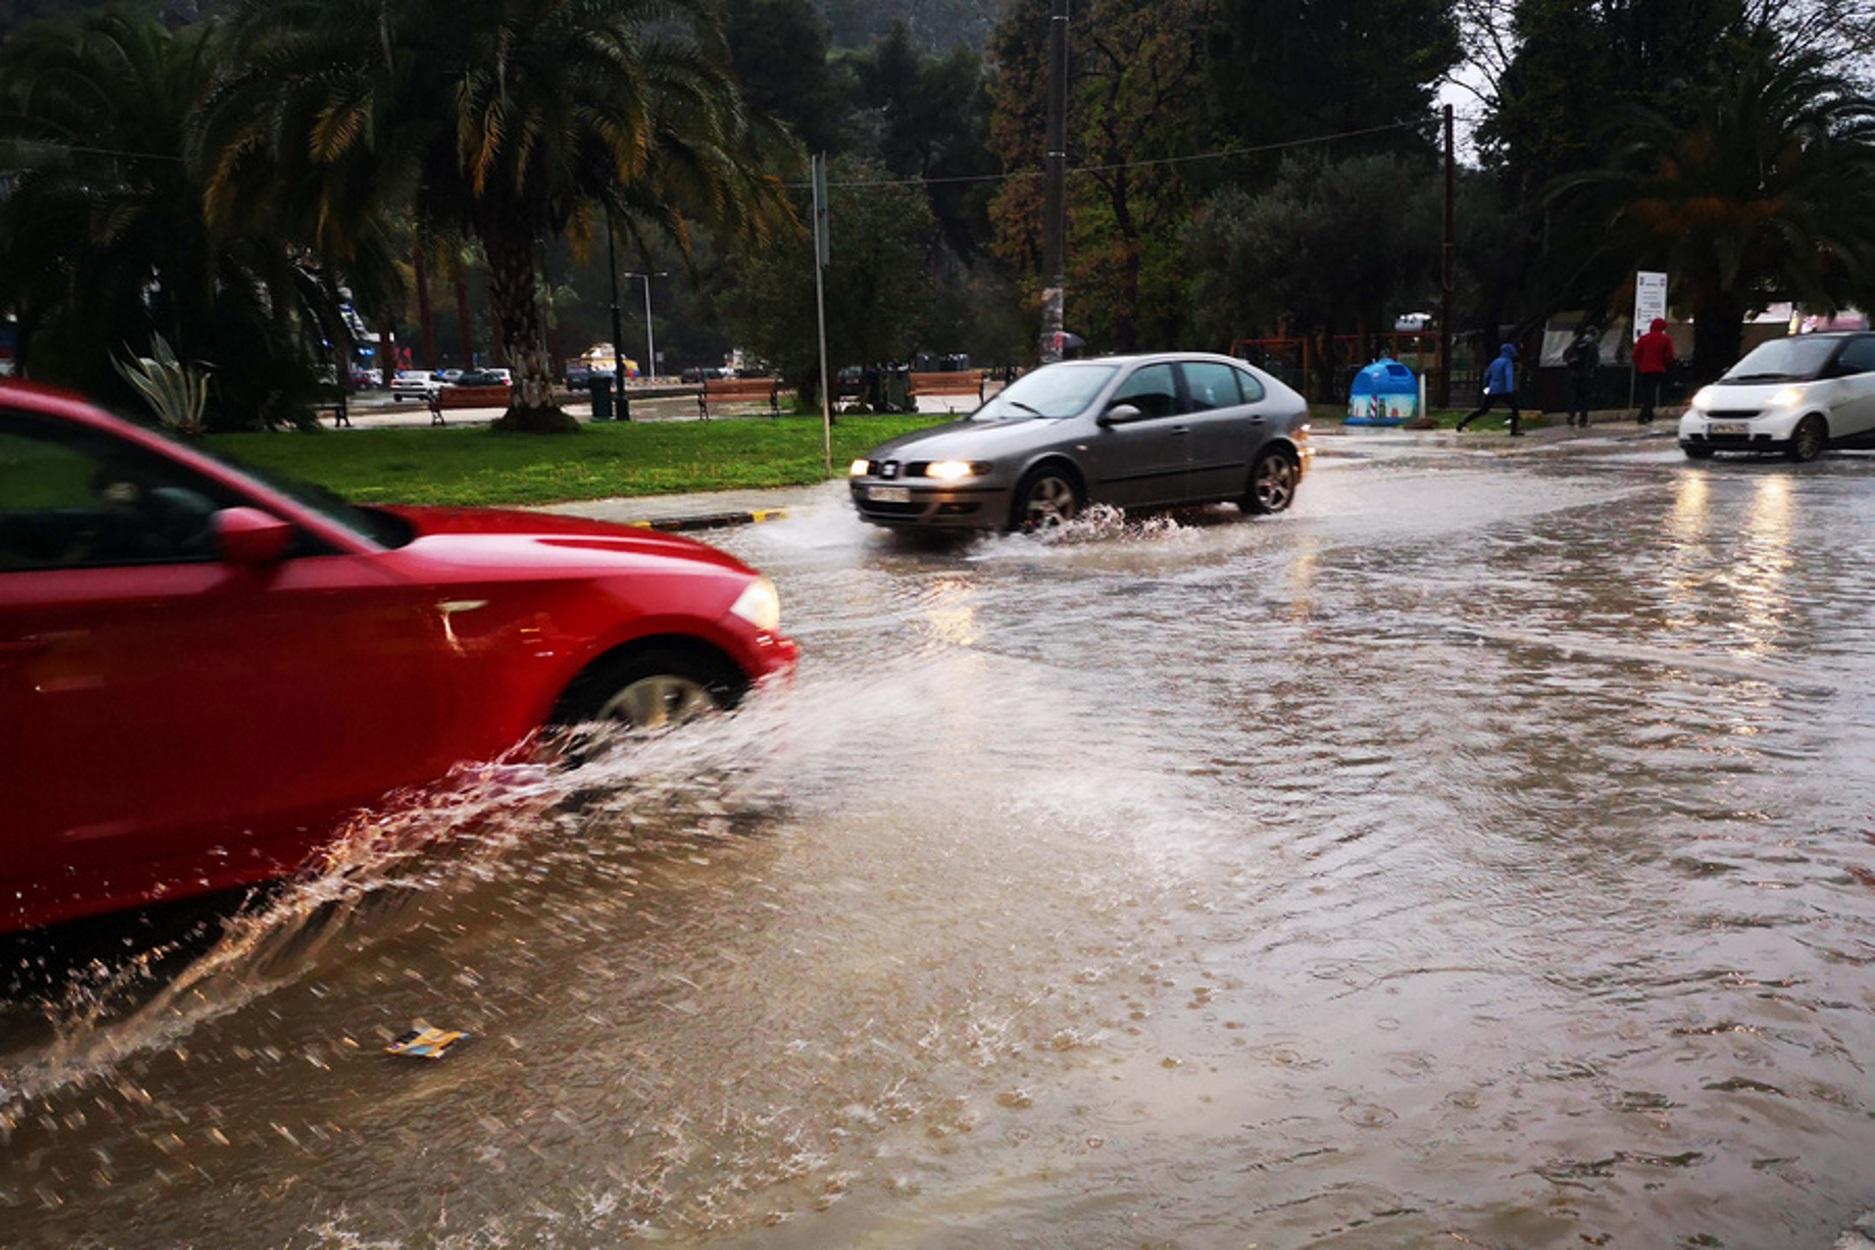 Καιρός σήμερα: Βροχές και καταιγίδες – Που θα είναι εντονότερα τα φαινόμενα